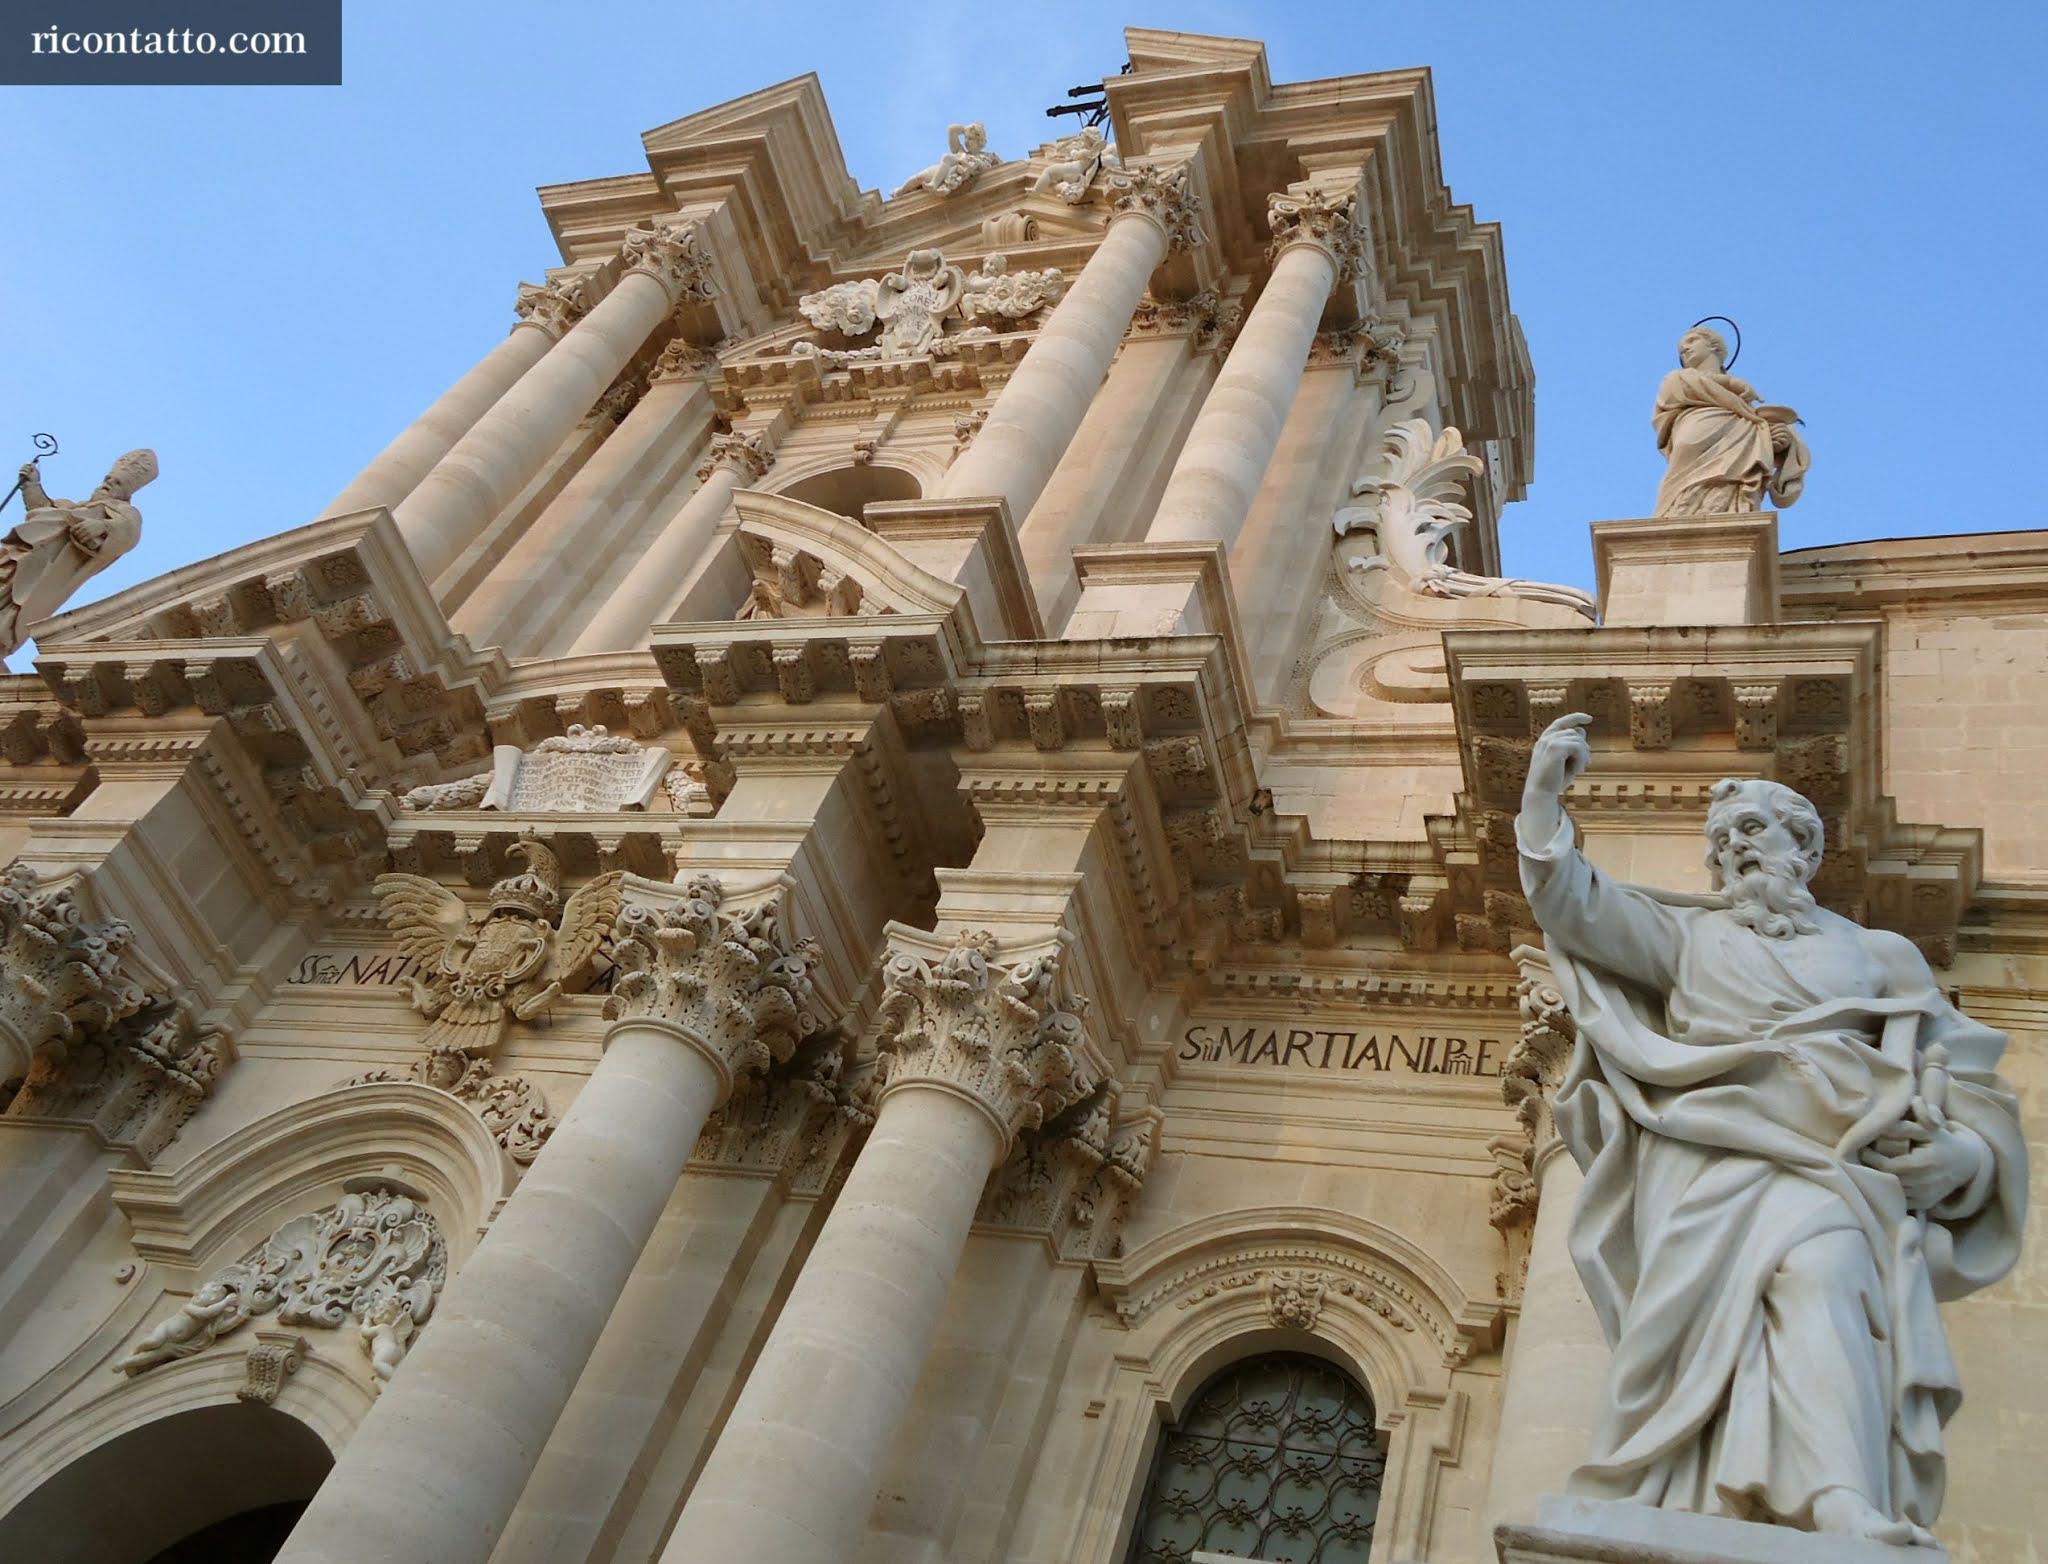 Siracusa, Sicilia, Italy - Photo #02 by Ricontatto.com